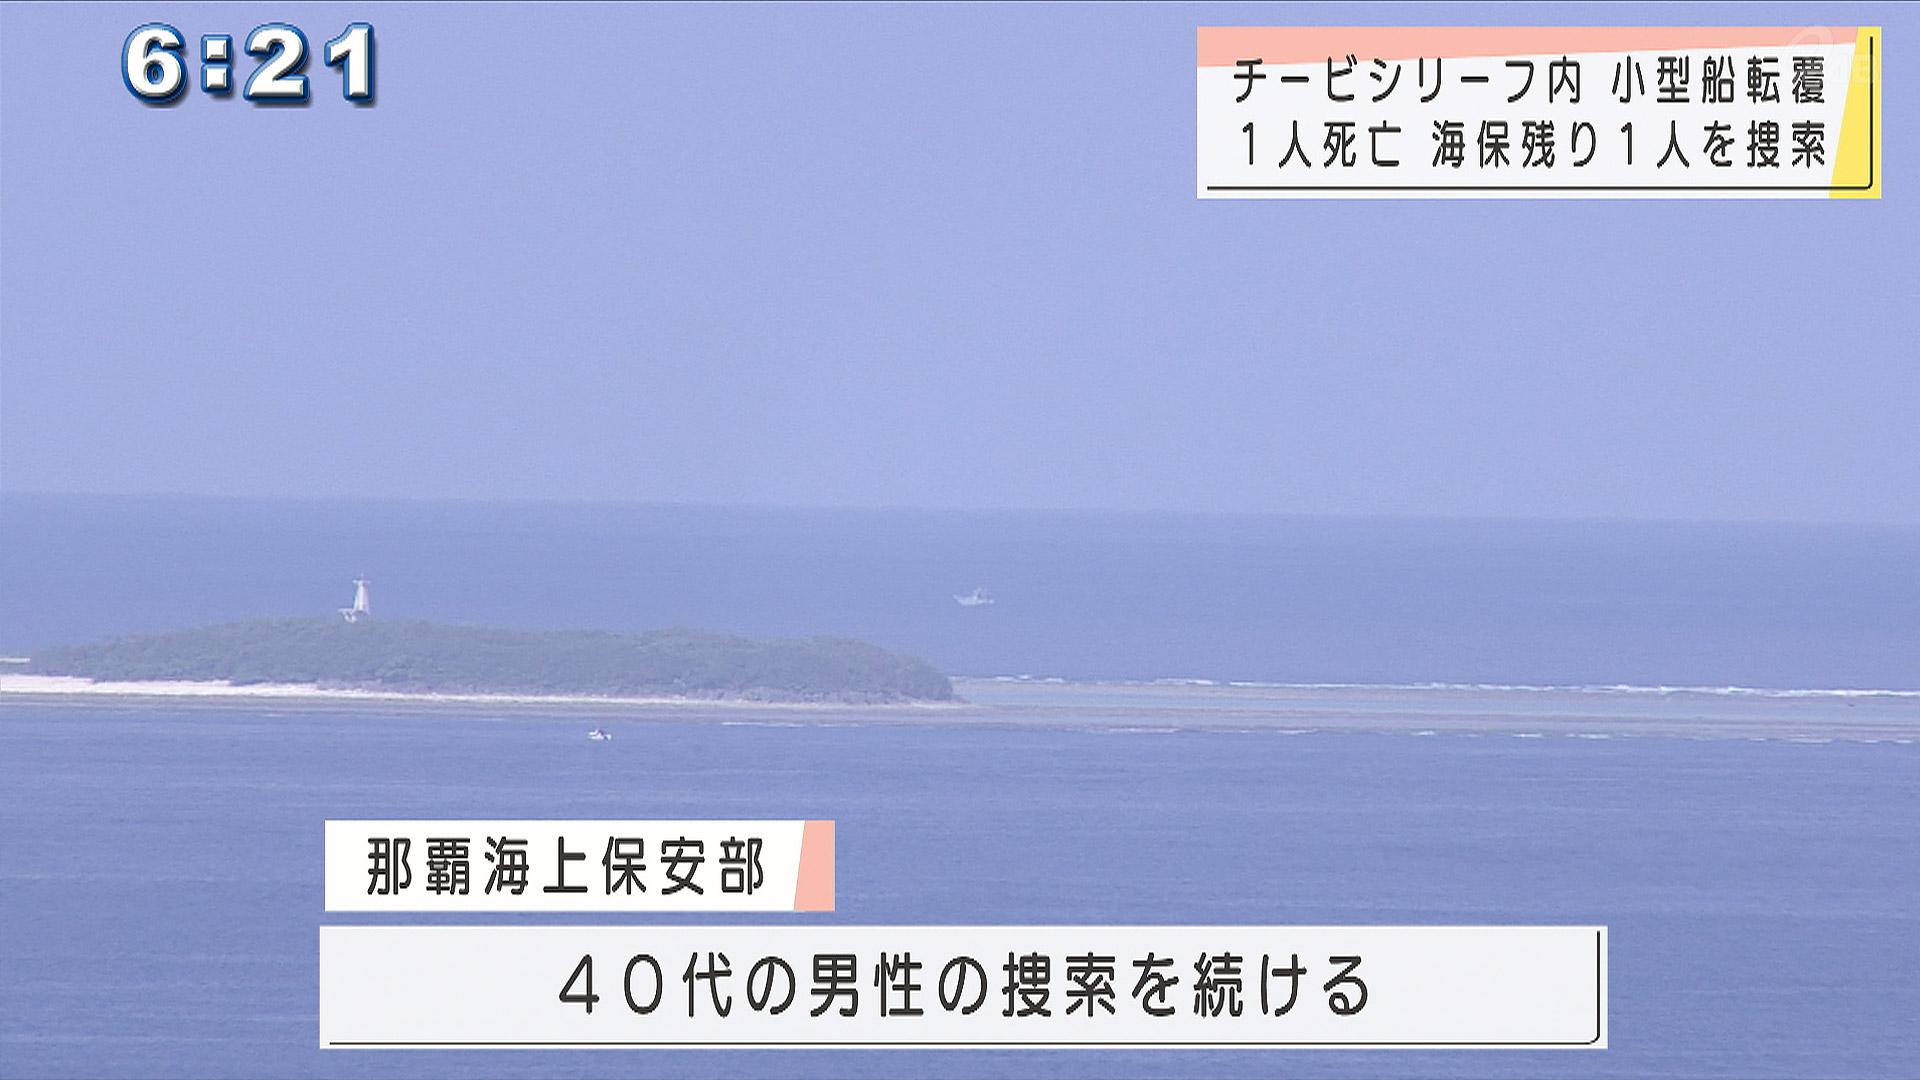 那覇沖のリーフ内で船が転覆 1人死亡、1人行方不明